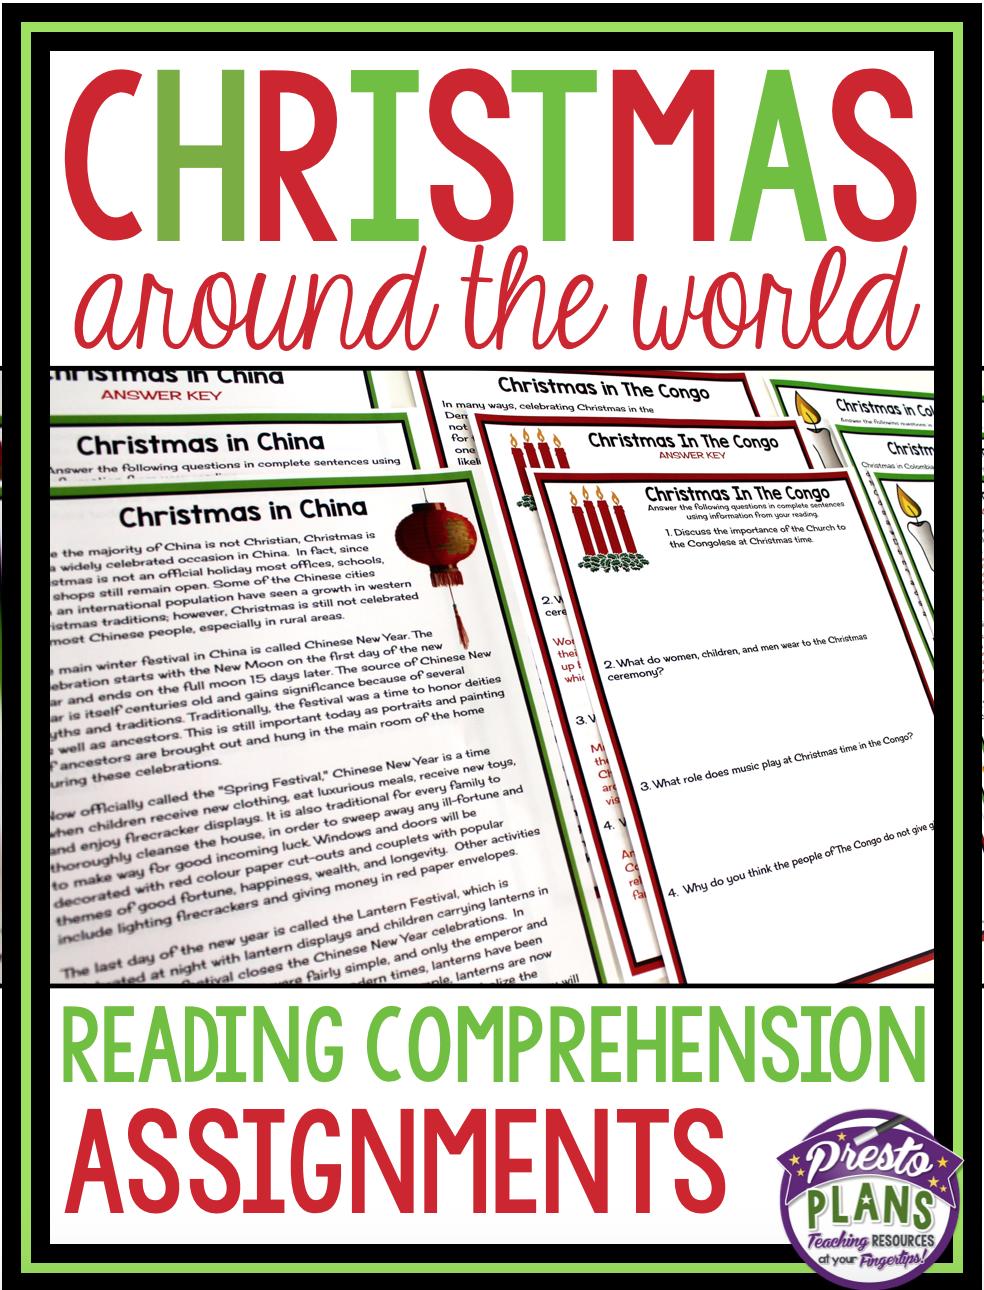 hight resolution of CHRISTMAS AROUND THE WORLD READING COMPREHENSION   Reading comprehension